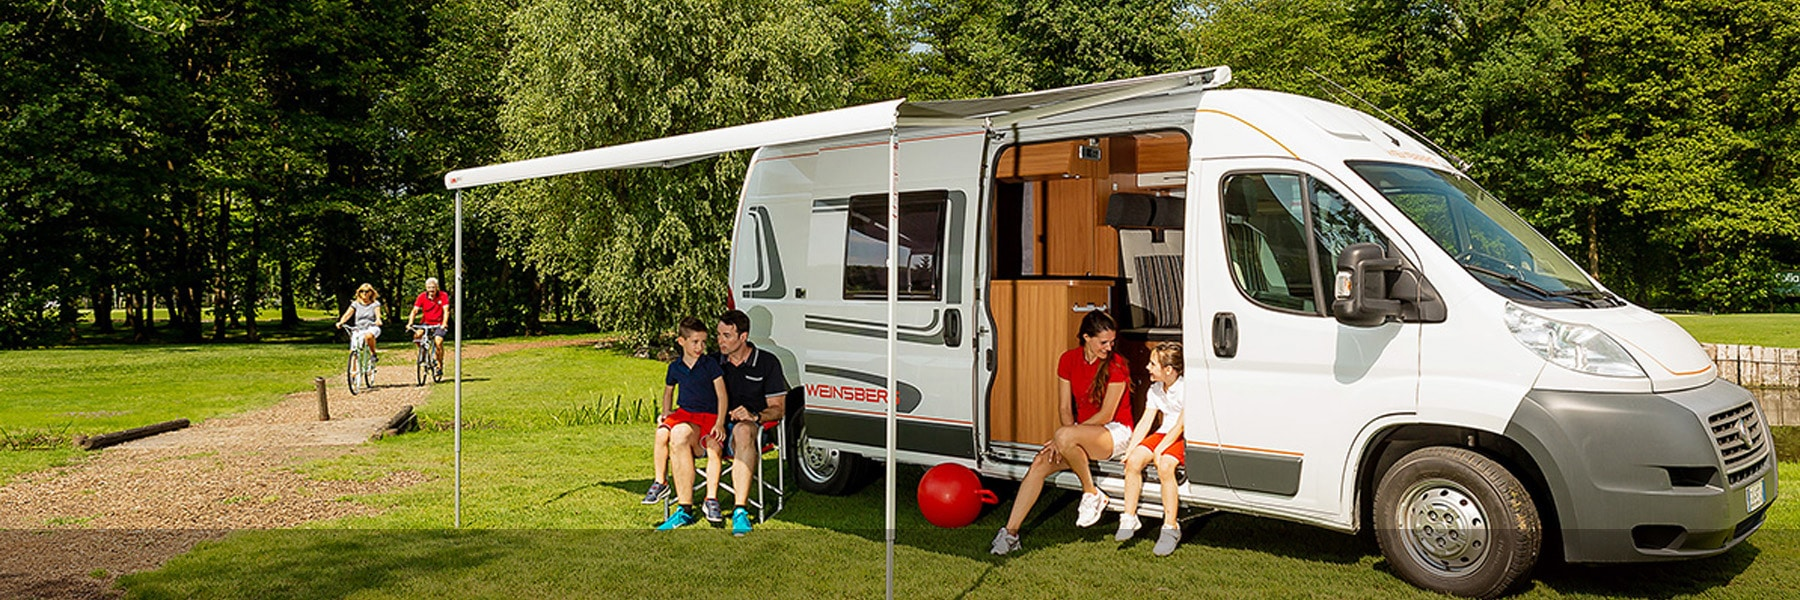 Fiamma Awnings, Caravan & Camping